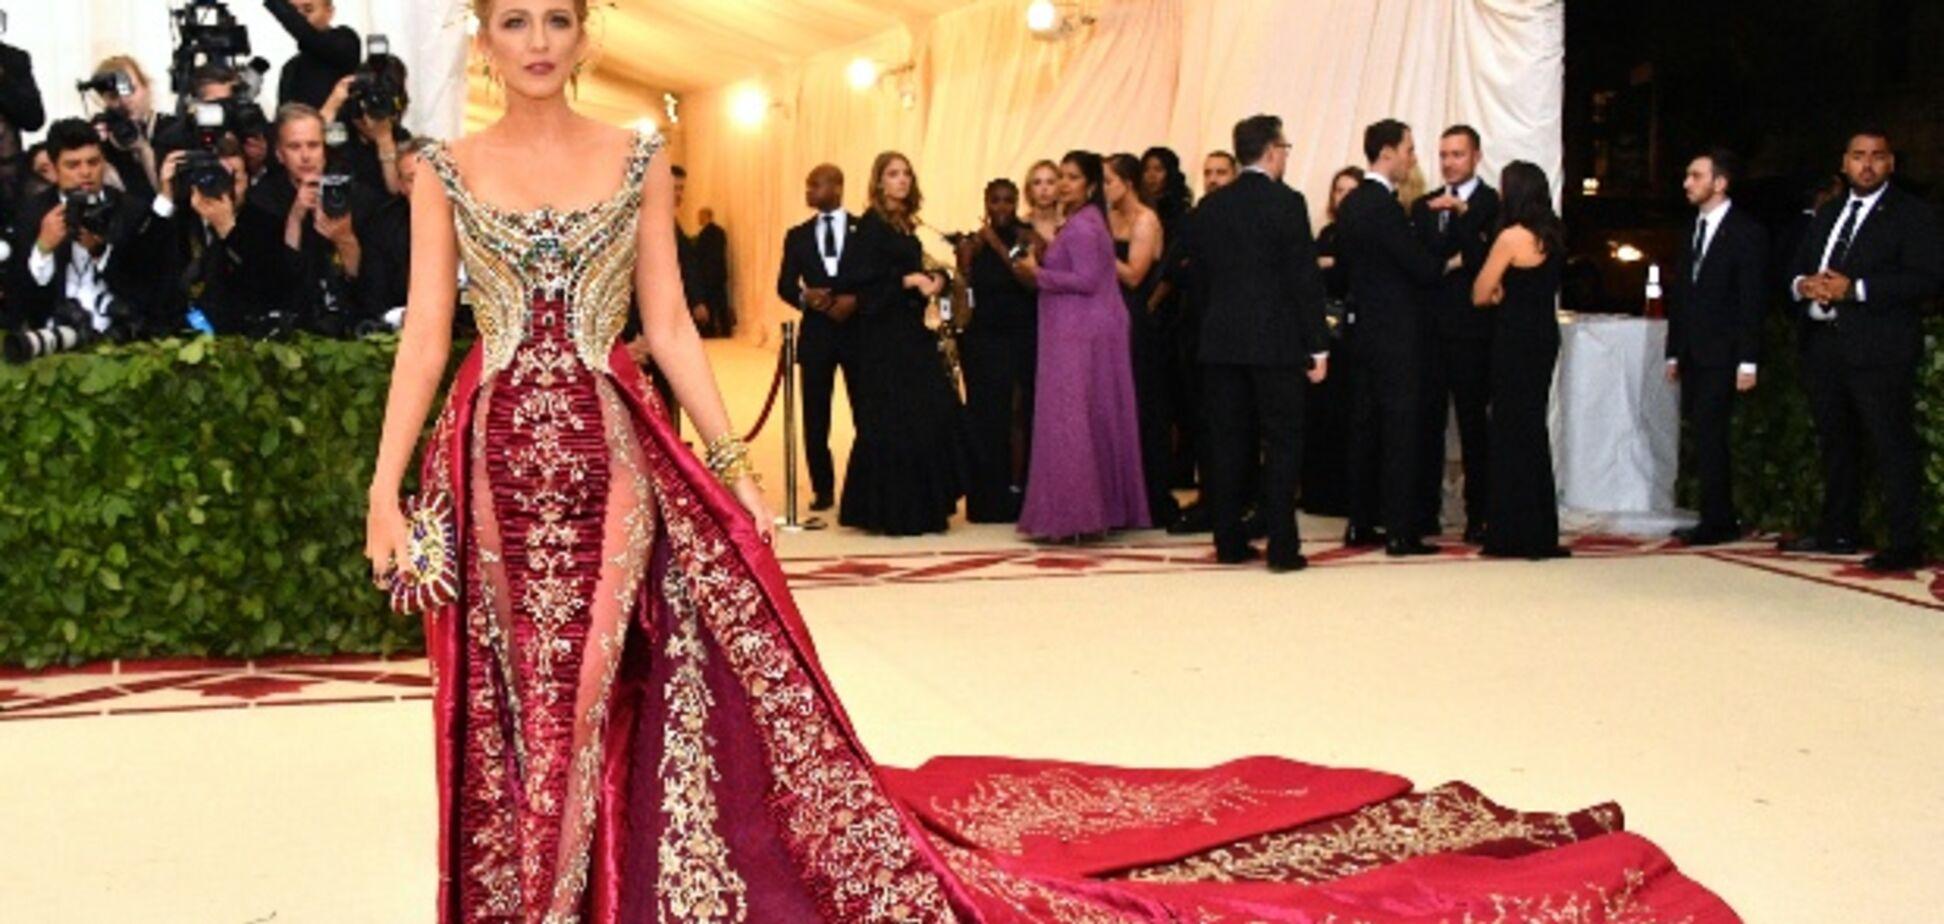 Выпускной-2018: почему украинские девушки разучились носить платья